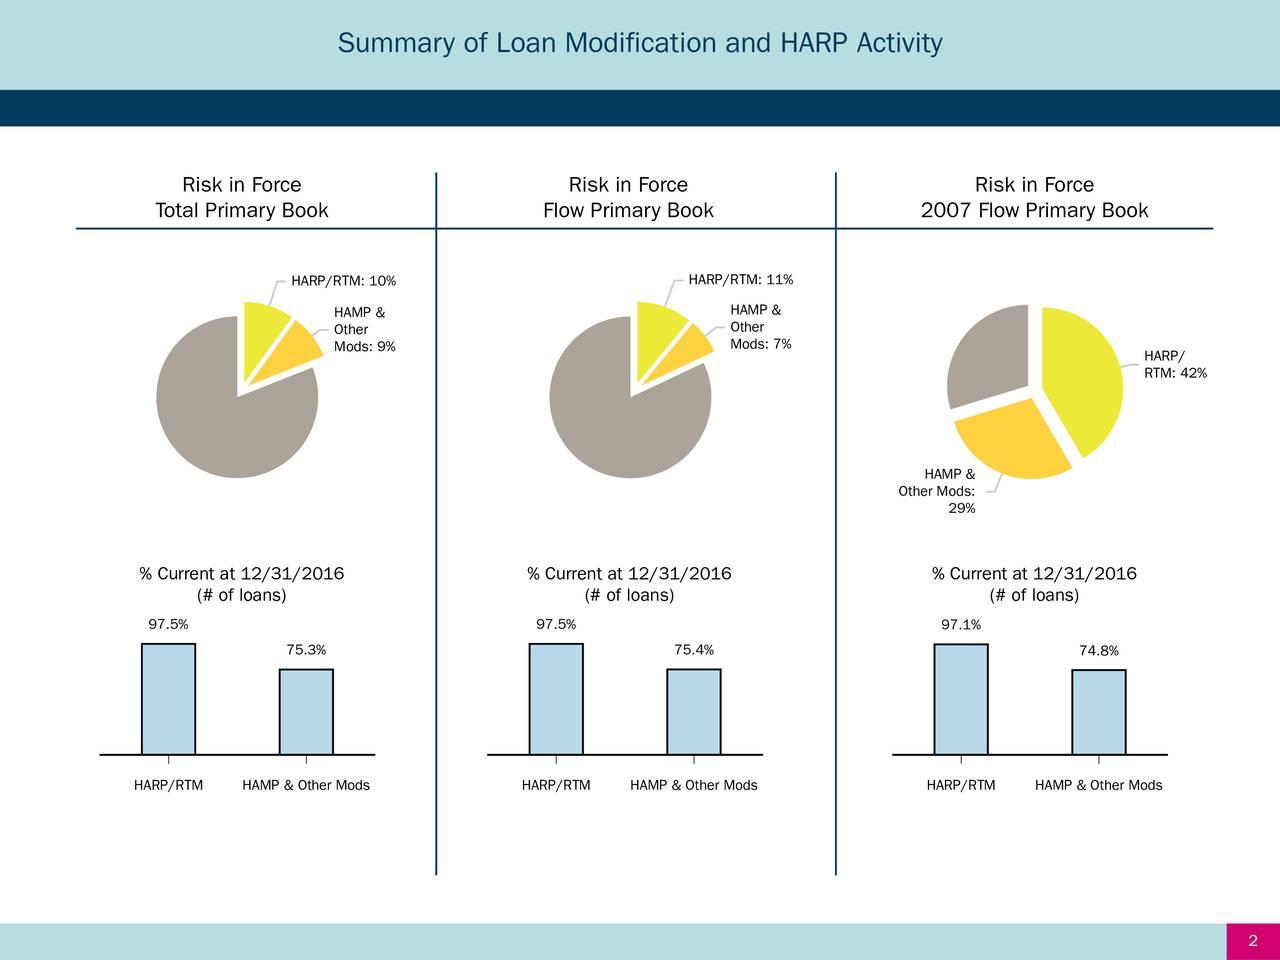 Risk in Force Risk in Force Risk in Force Total Primary Book Flow Primary Book 2007 Flow Primary Book HARP/RTM: 11% HARP/RTM: 10% HAMP & HAMP & Other Other Mods: 7% Mods: 9% HARP/ RTM: 42% HAMP & Other Mods: 29% % Current at 12/31/2016 % Current at 12/31/2016 % Current at 12/31/2016 (# of loans) (# of loans) (# of loans) 97.5% 97.5% 97.1% 75.3% 75.4% 74.8% HARP/RTM HAMP & Other Mods HARP/RTM HAMP & Other Mods HARP/RTM HAMP & Other Mods 2